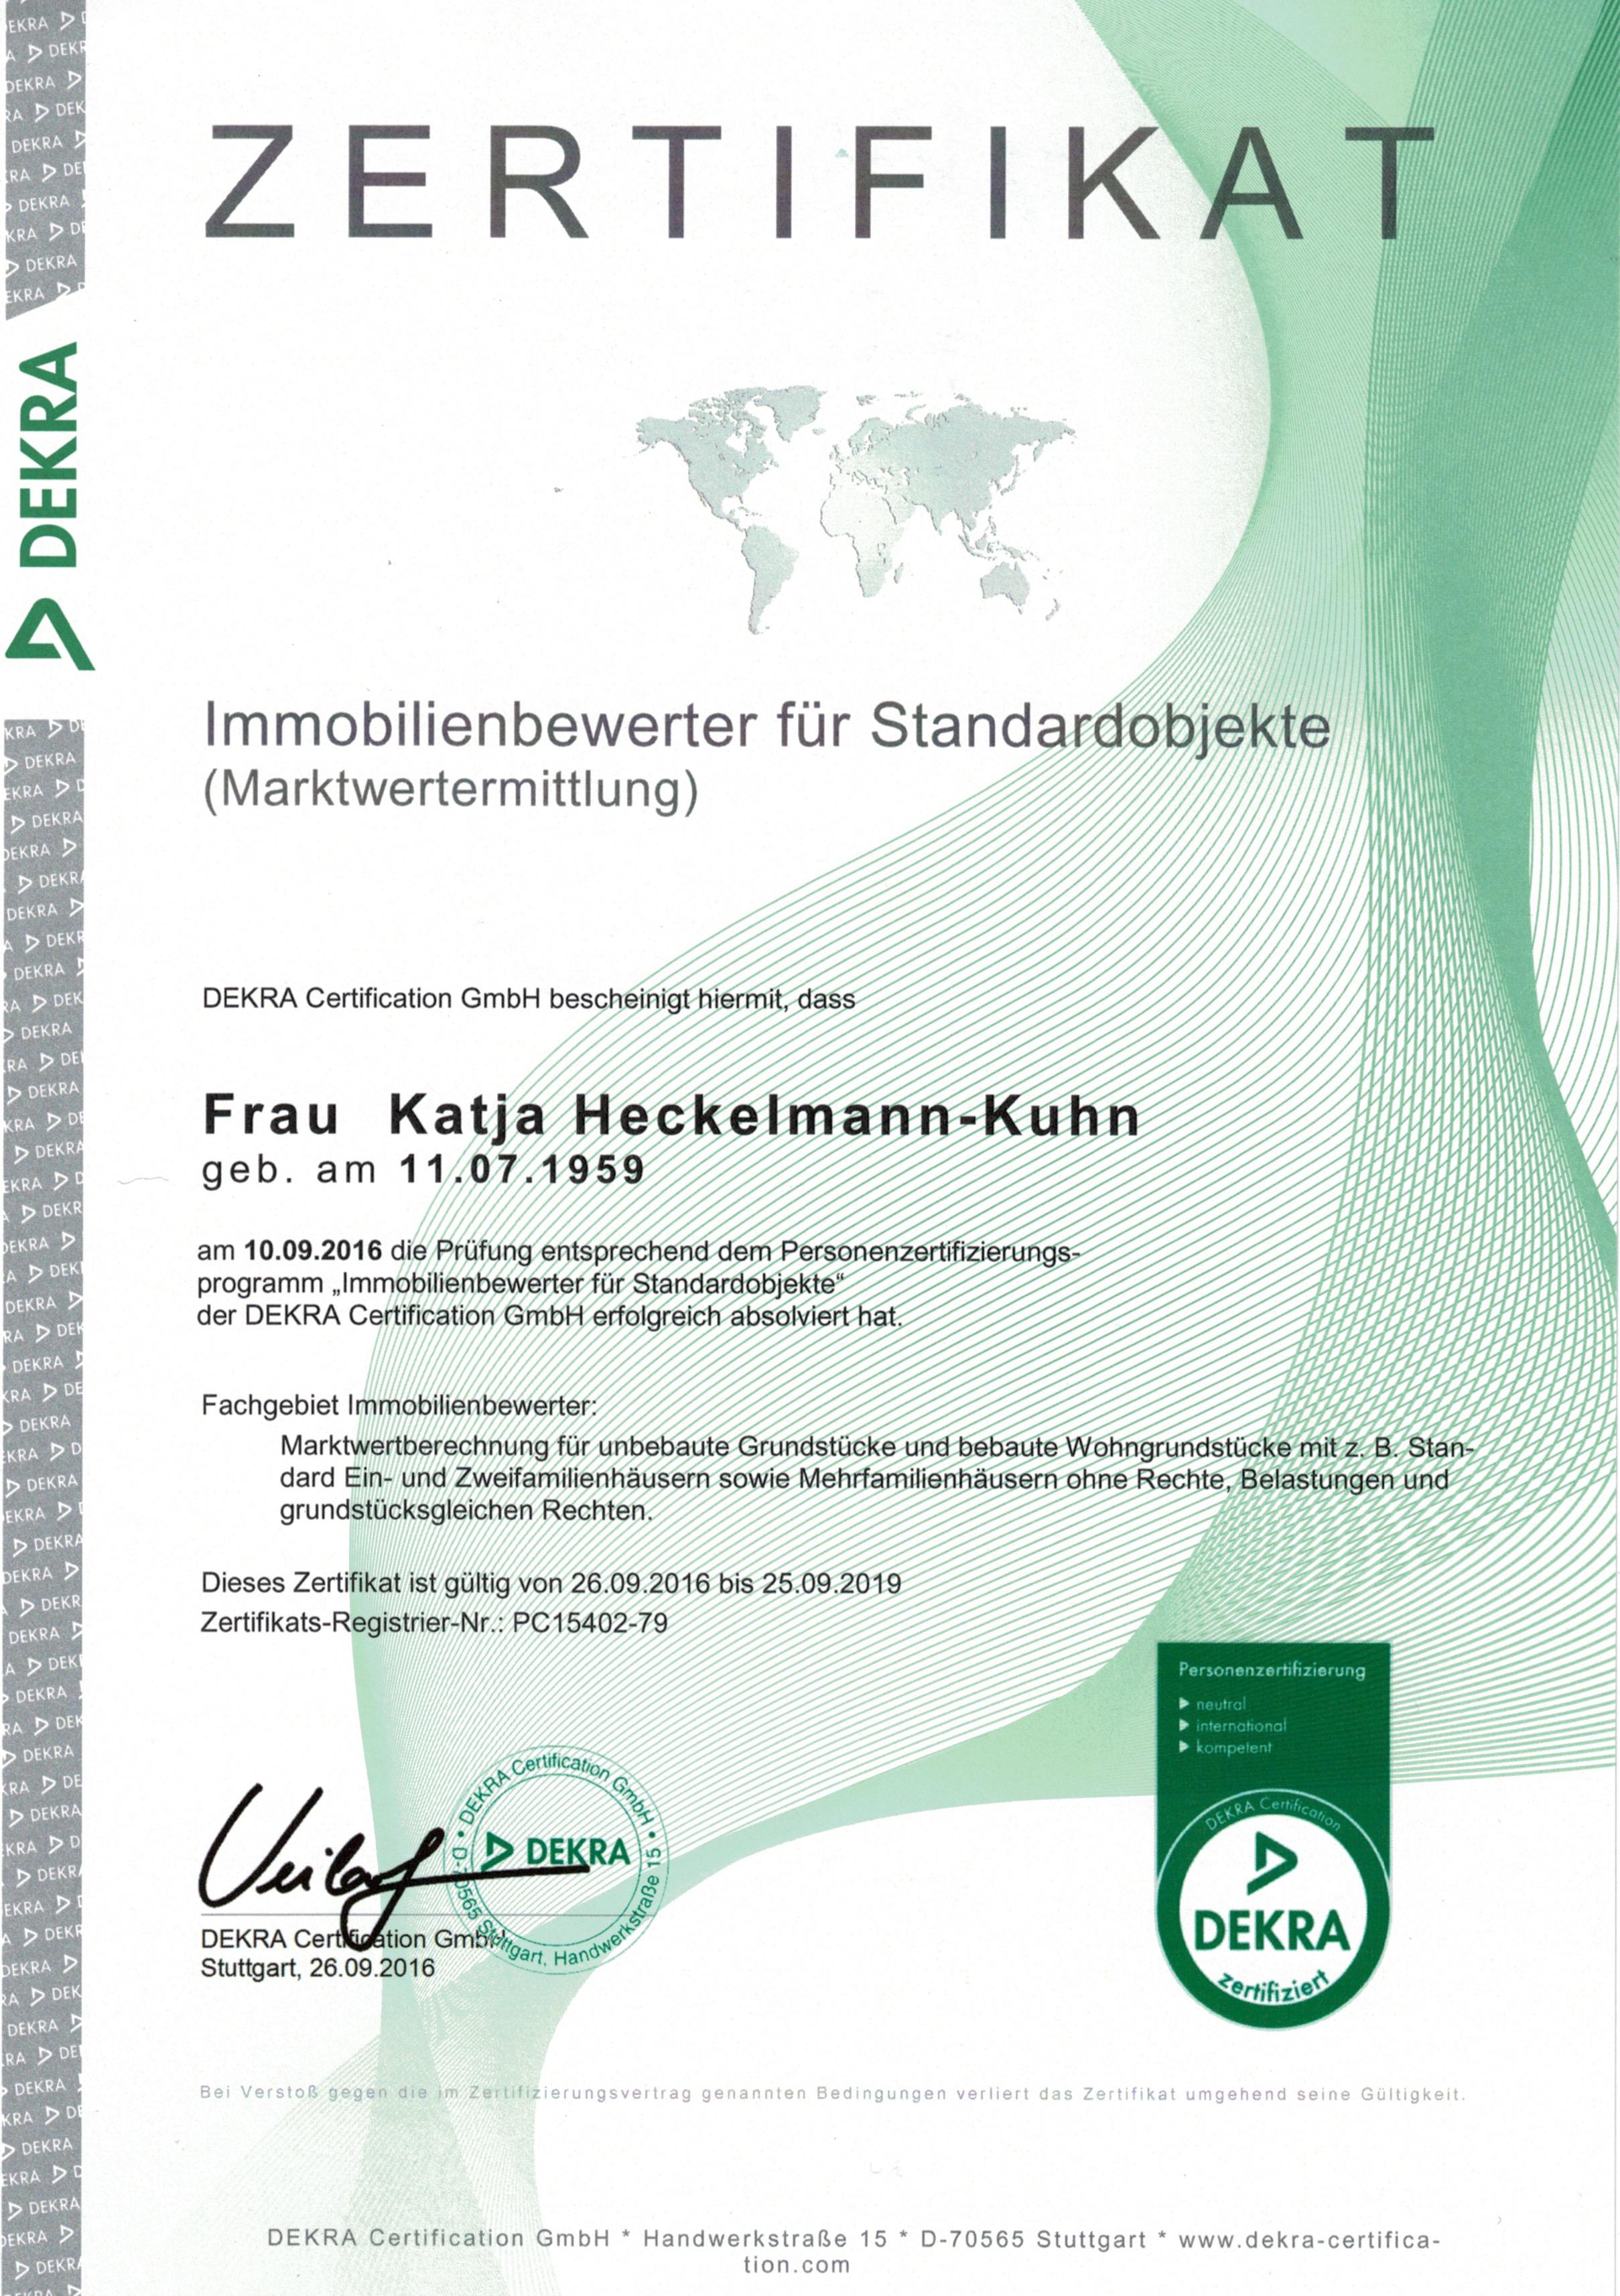 Kuhn Immobilien Bad Kissingenn hat DEKRA Zertifizierung zur Marktwertermittlung